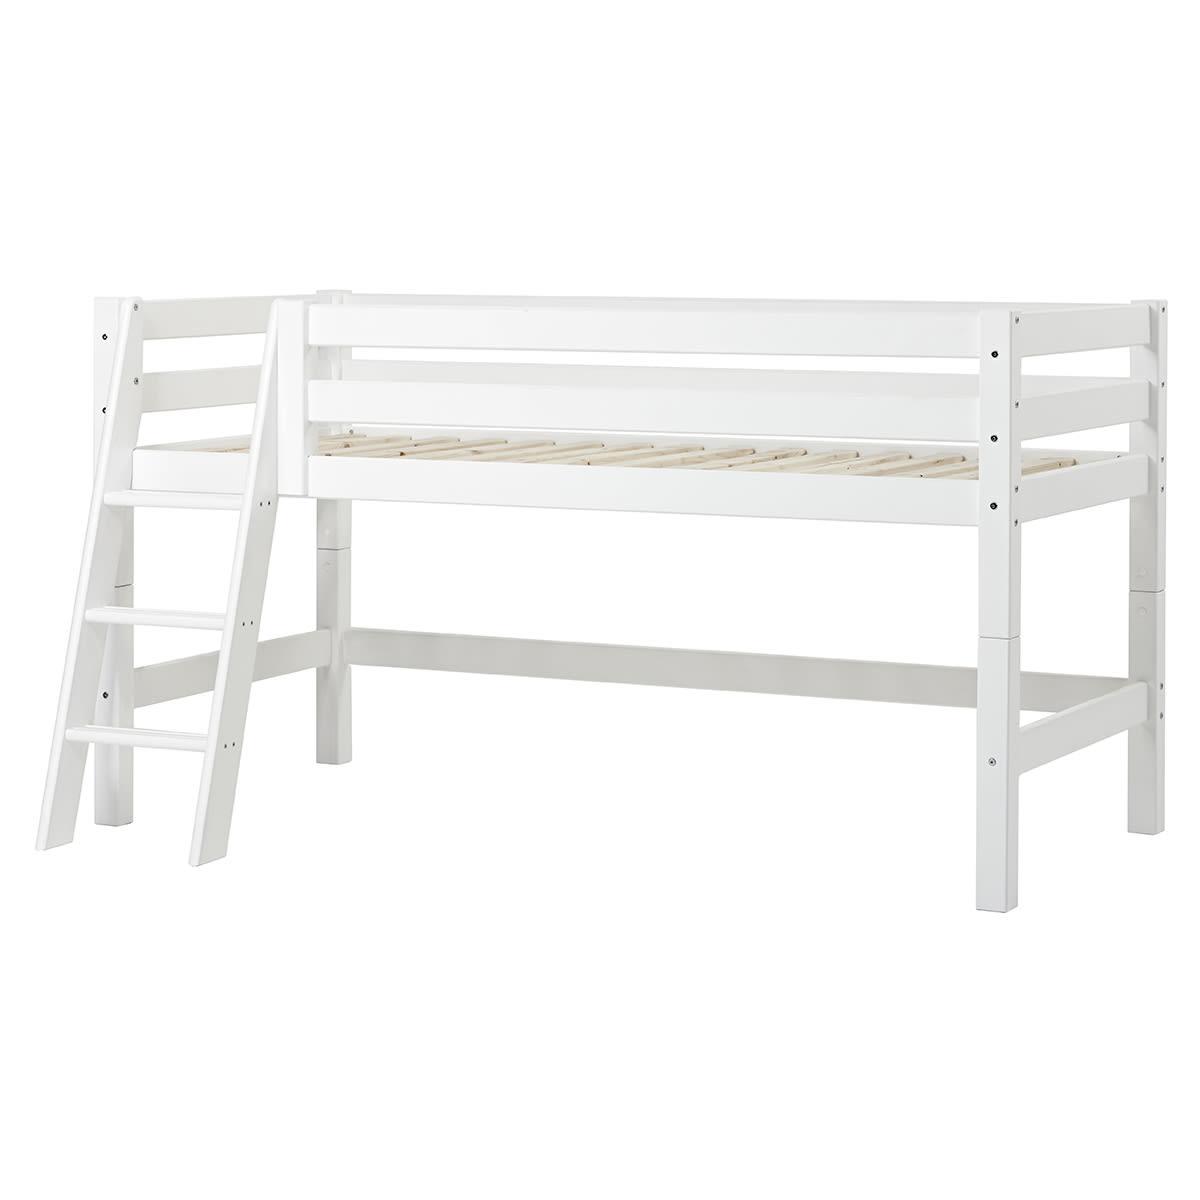 90 x 200 cm - Svanemærket halvhøj seng med livstidsgaranti